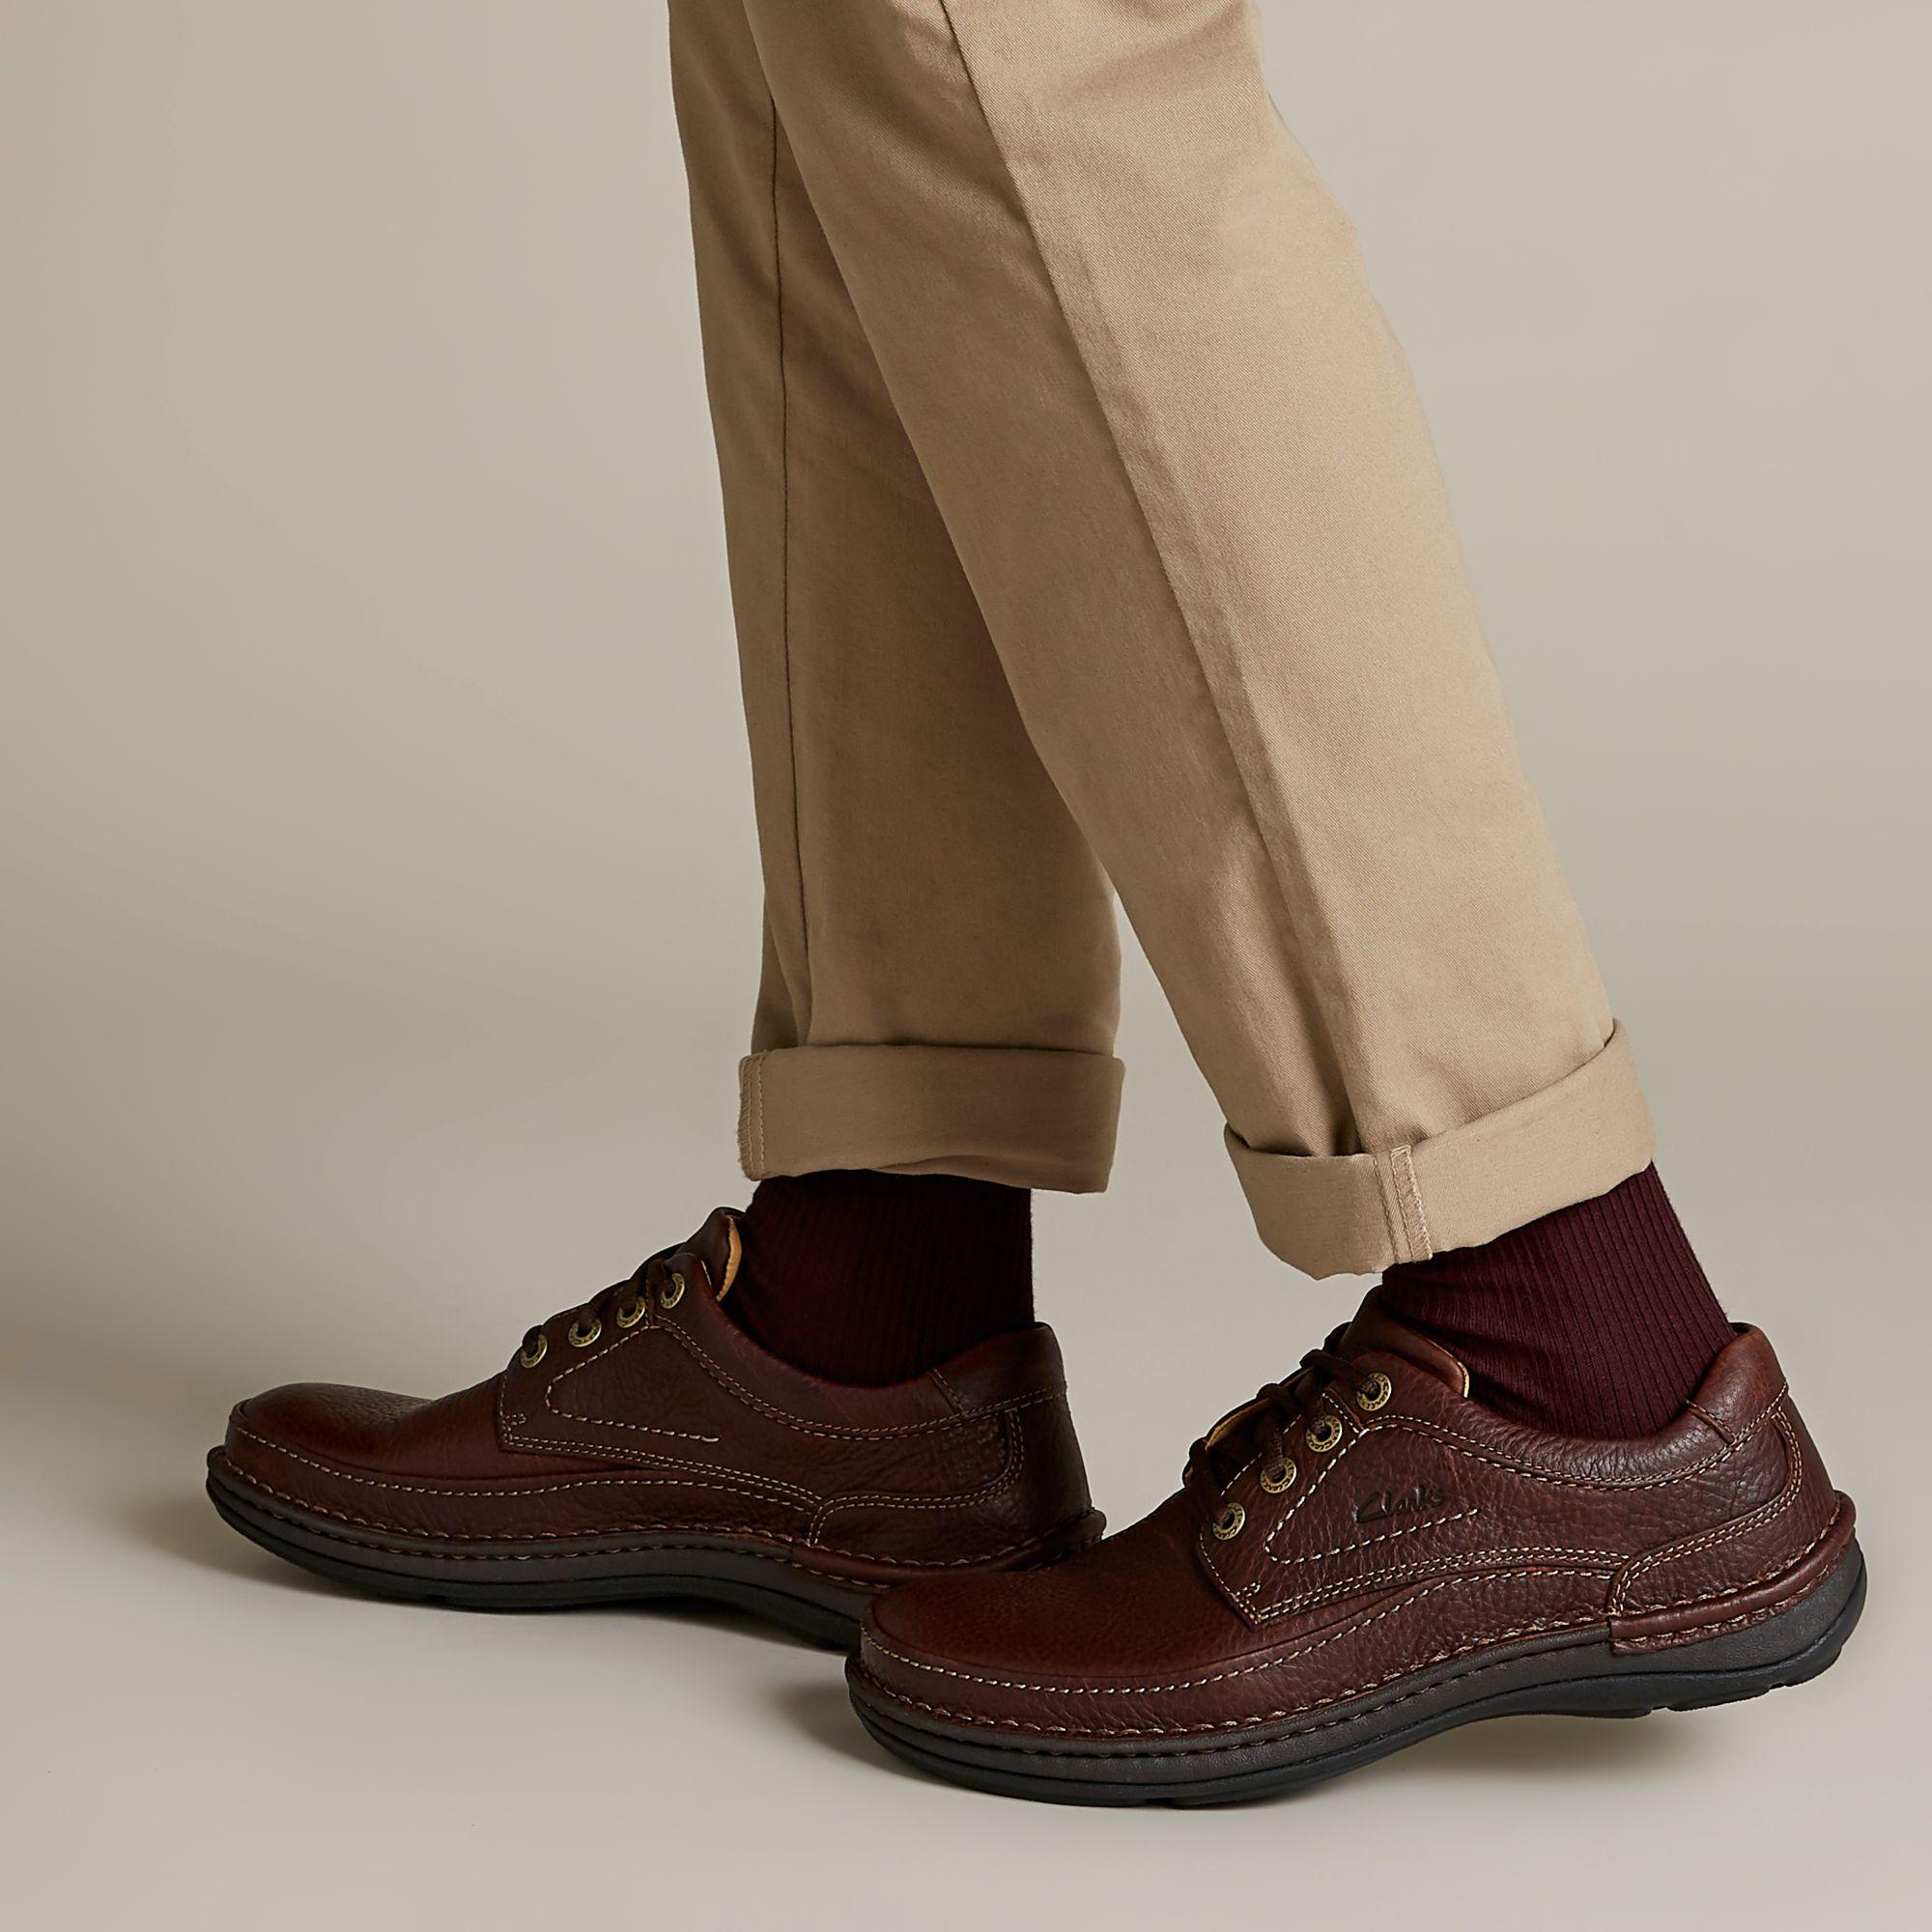 Голям размер мъжки ежедн. обувки Clarks Nature Three махагон - снимка 8